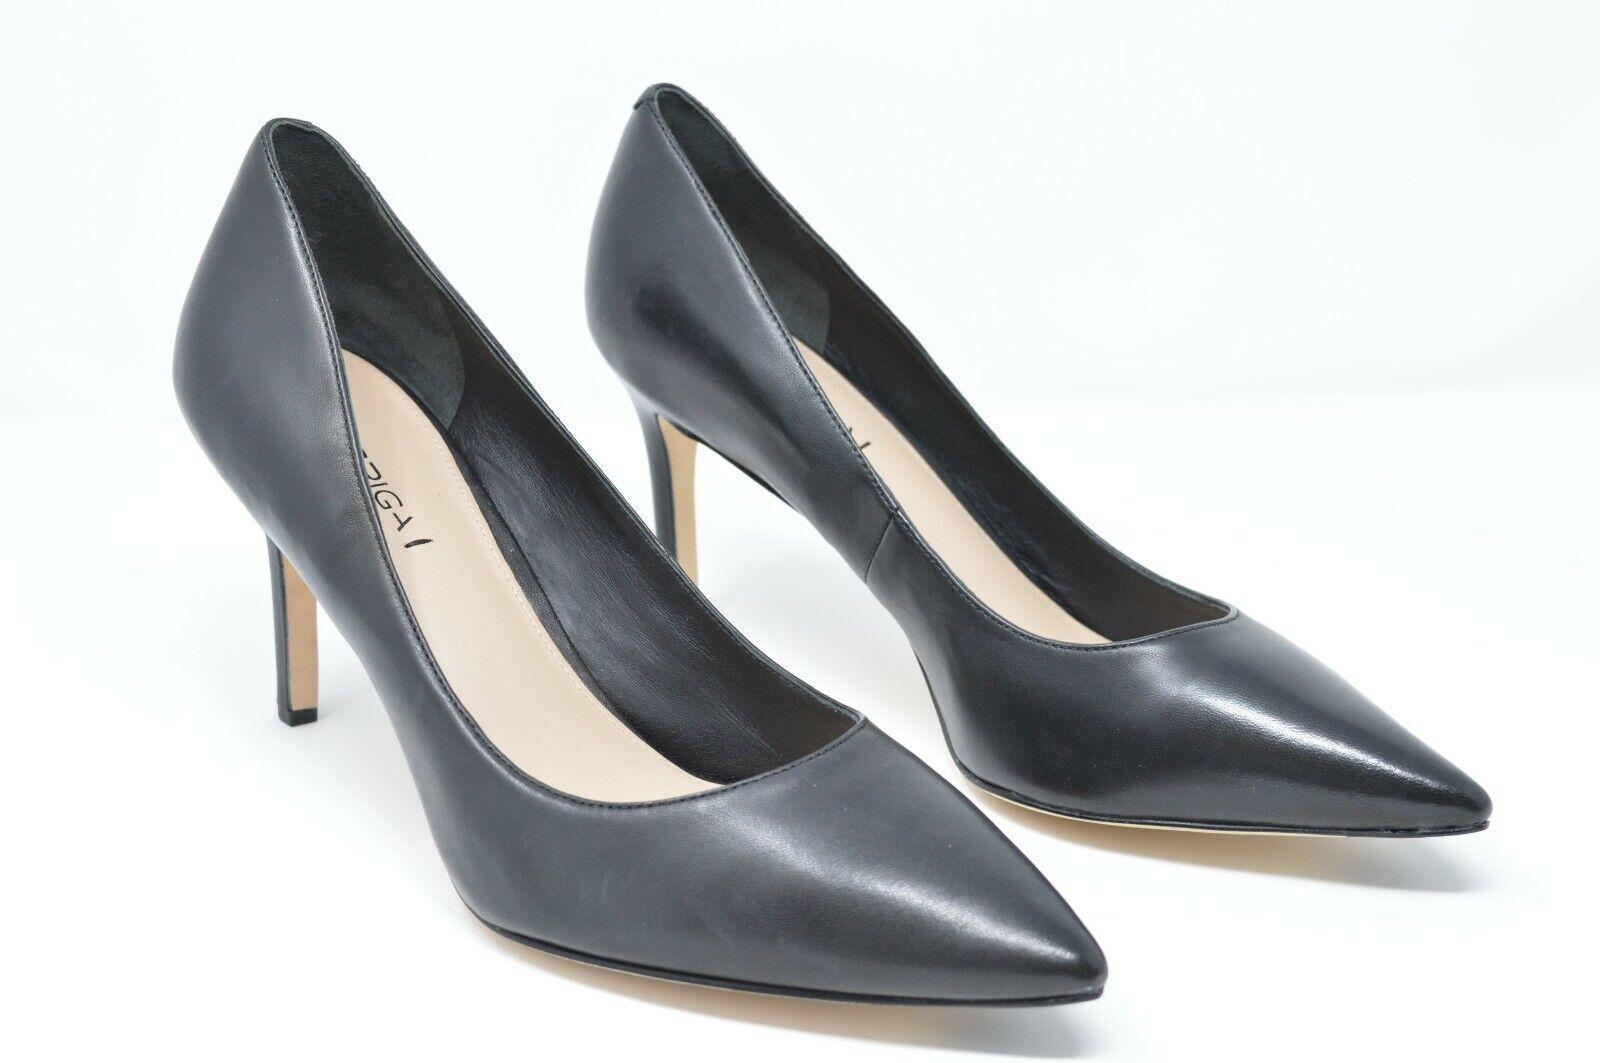 al prezzo più basso Via Spiga Donna    Carola Dress Pointy Toe Pump Leather nero, Dimensione11  per poco costoso